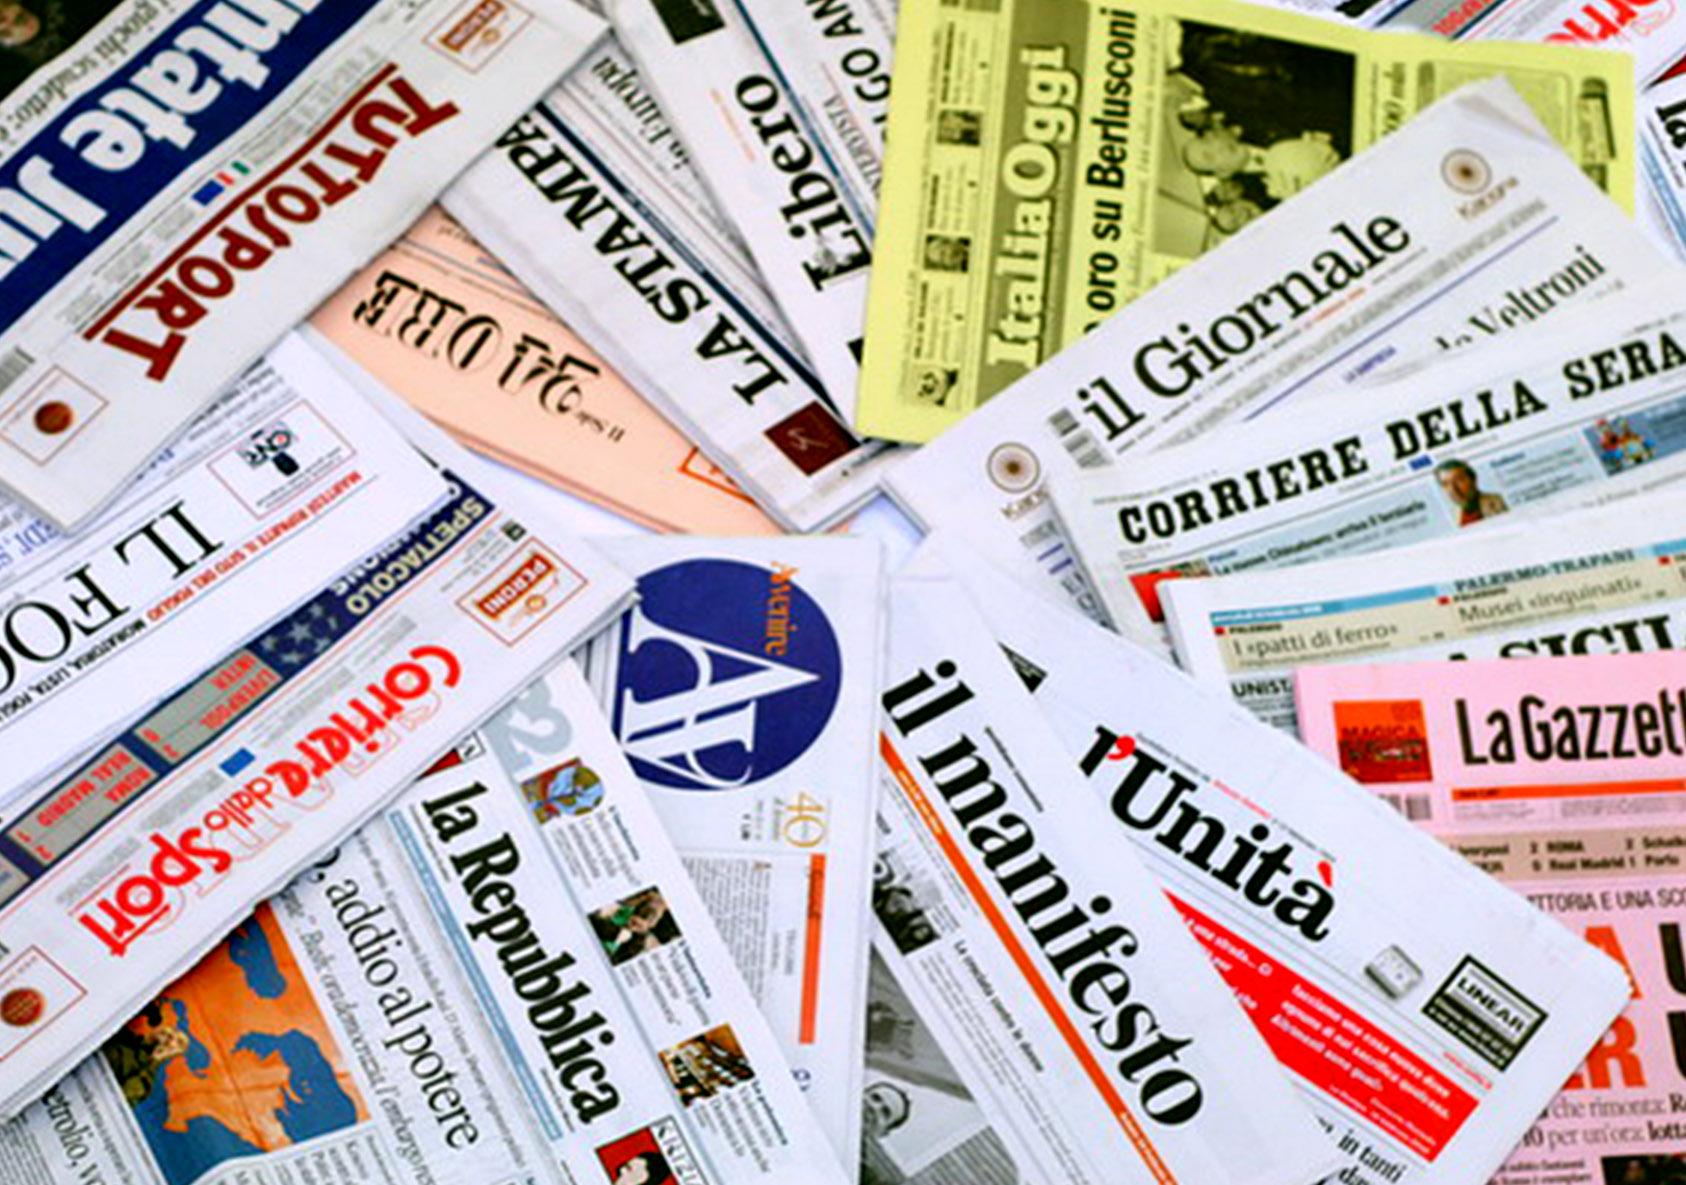 giornali quotidiani - Editoria, contributi. Ridefinizione disciplina contributi diretti a imprese editrici di quotidiani e periodici ex L. 198/2016 (d. lgs – esame preliminare)